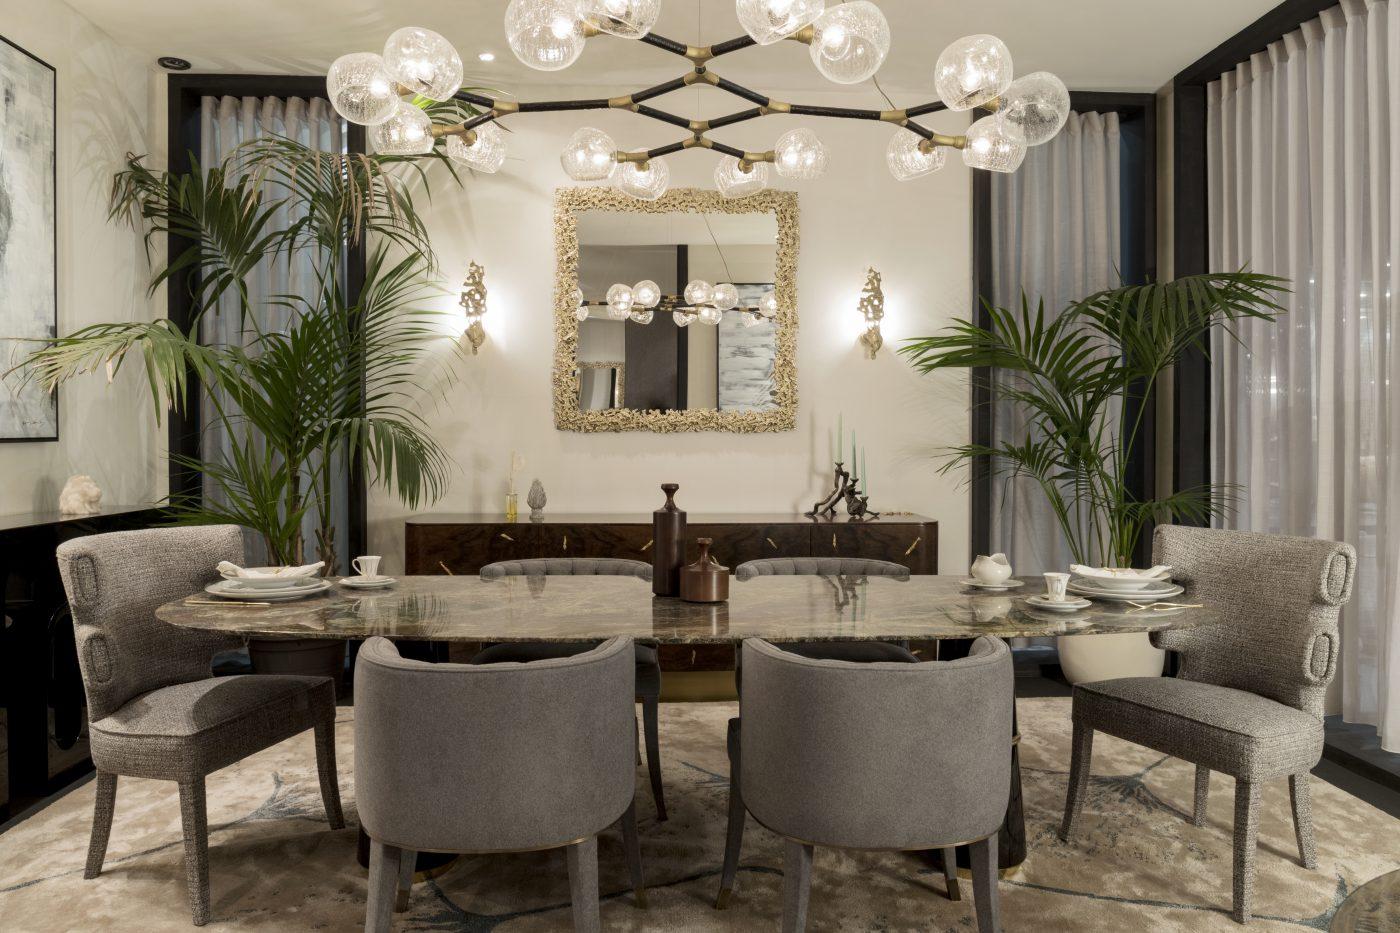 Maison Et Objet 2020 Bring Nature Into Your Home Decor